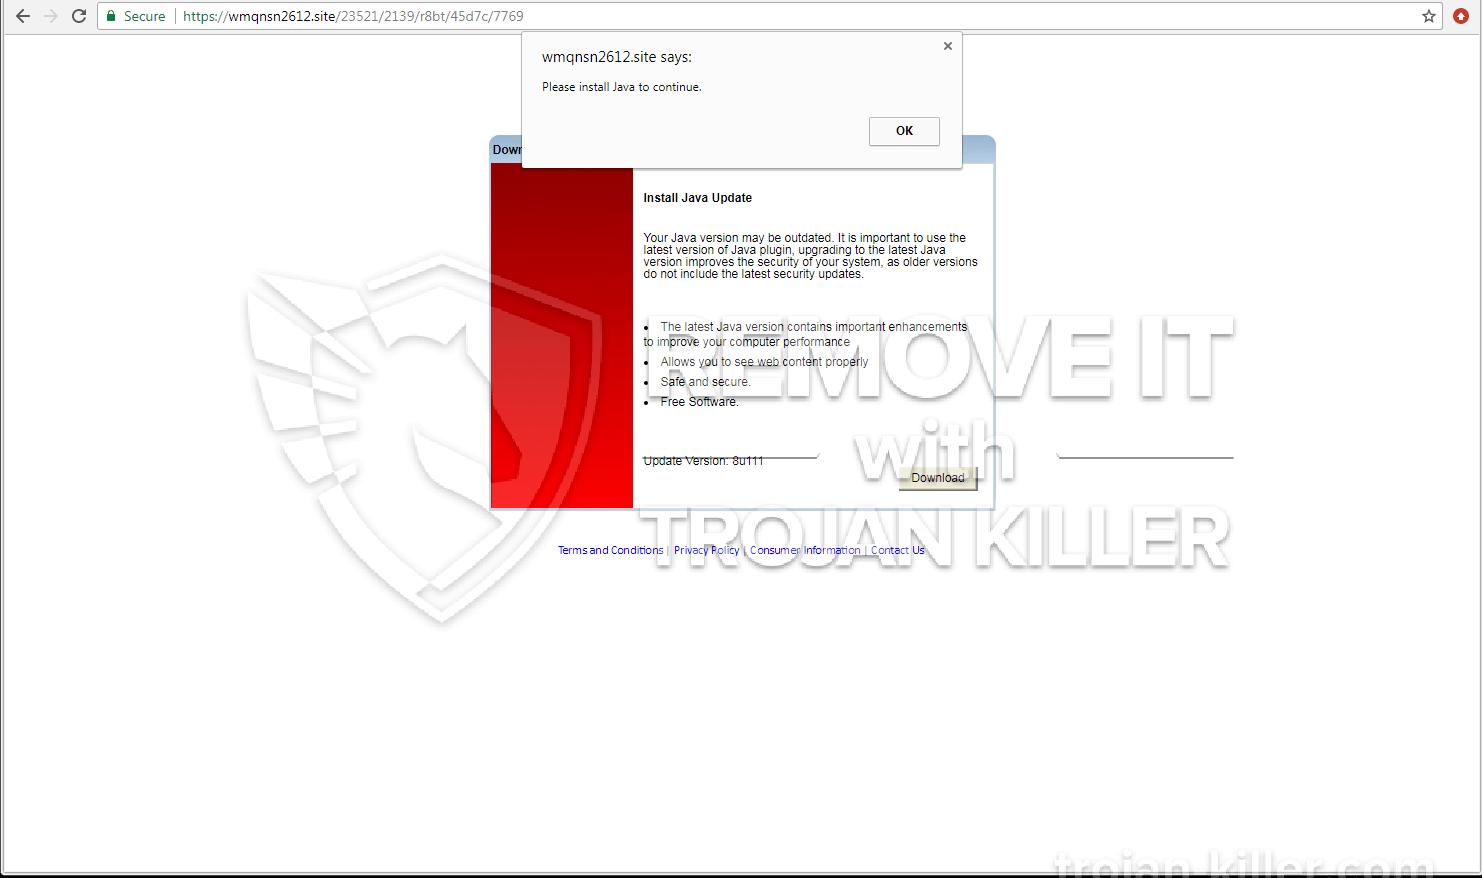 Wmqnsn2612.site virus